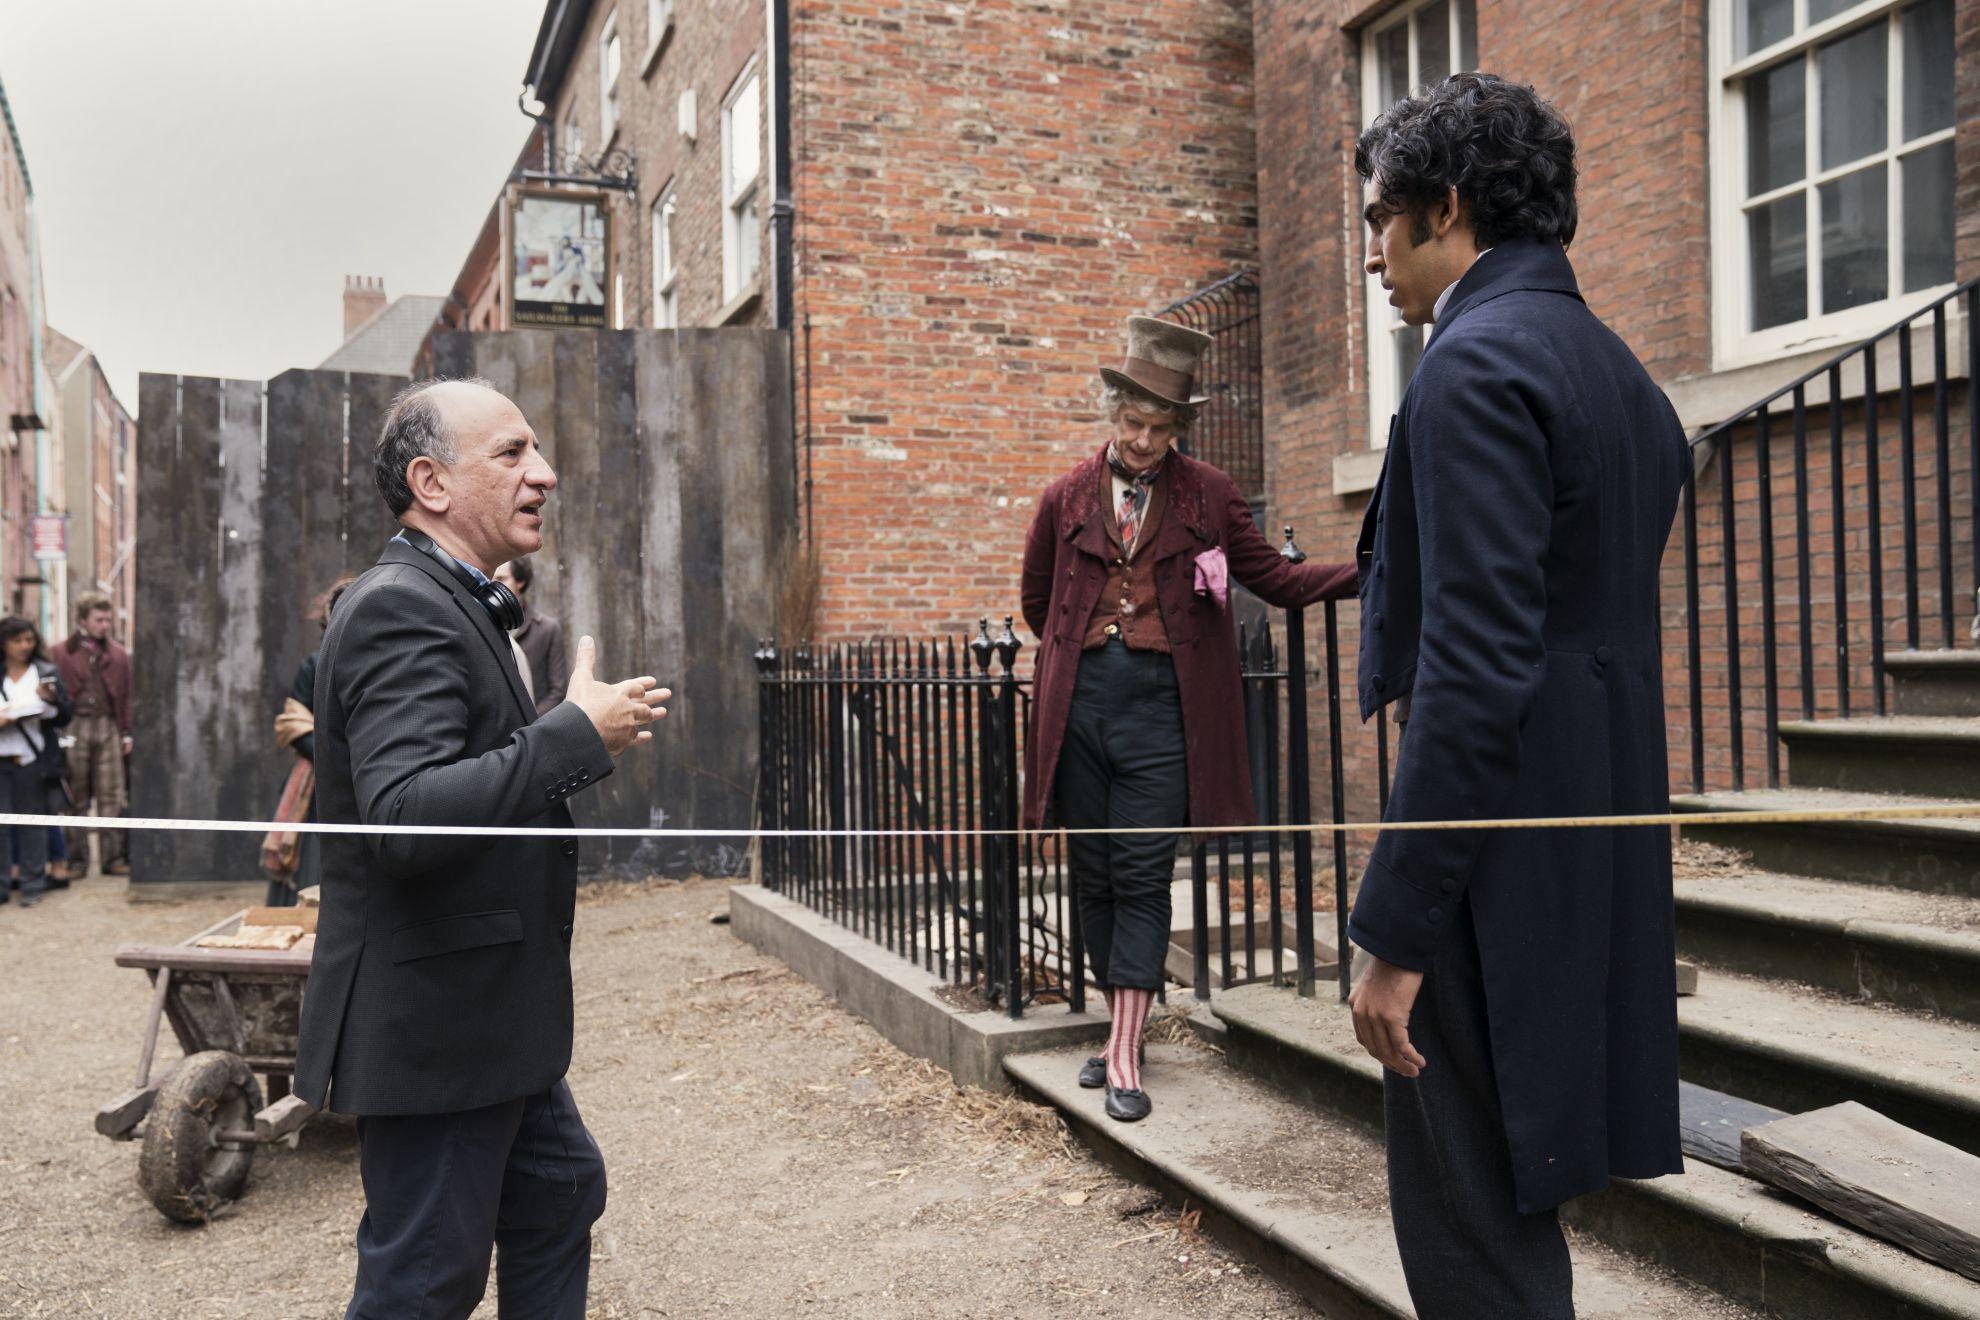 La vita straordinaria di David Copperfield: una scena